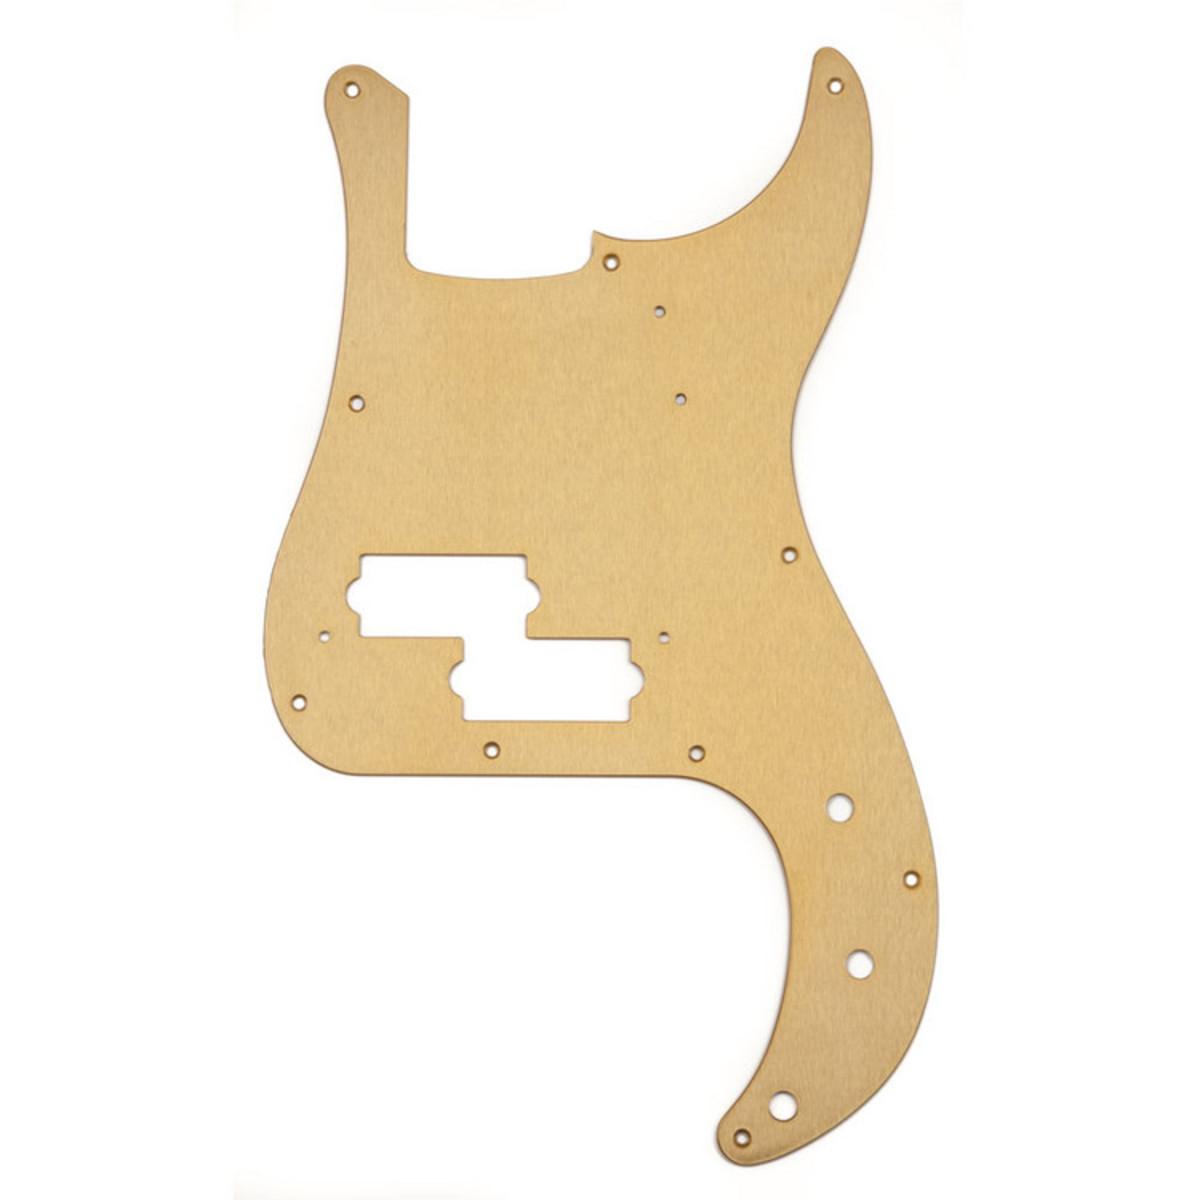 Precision Bass Pickguard : fender pure vintage 58 precision bass pickguard gold at gear4music ~ Russianpoet.info Haus und Dekorationen